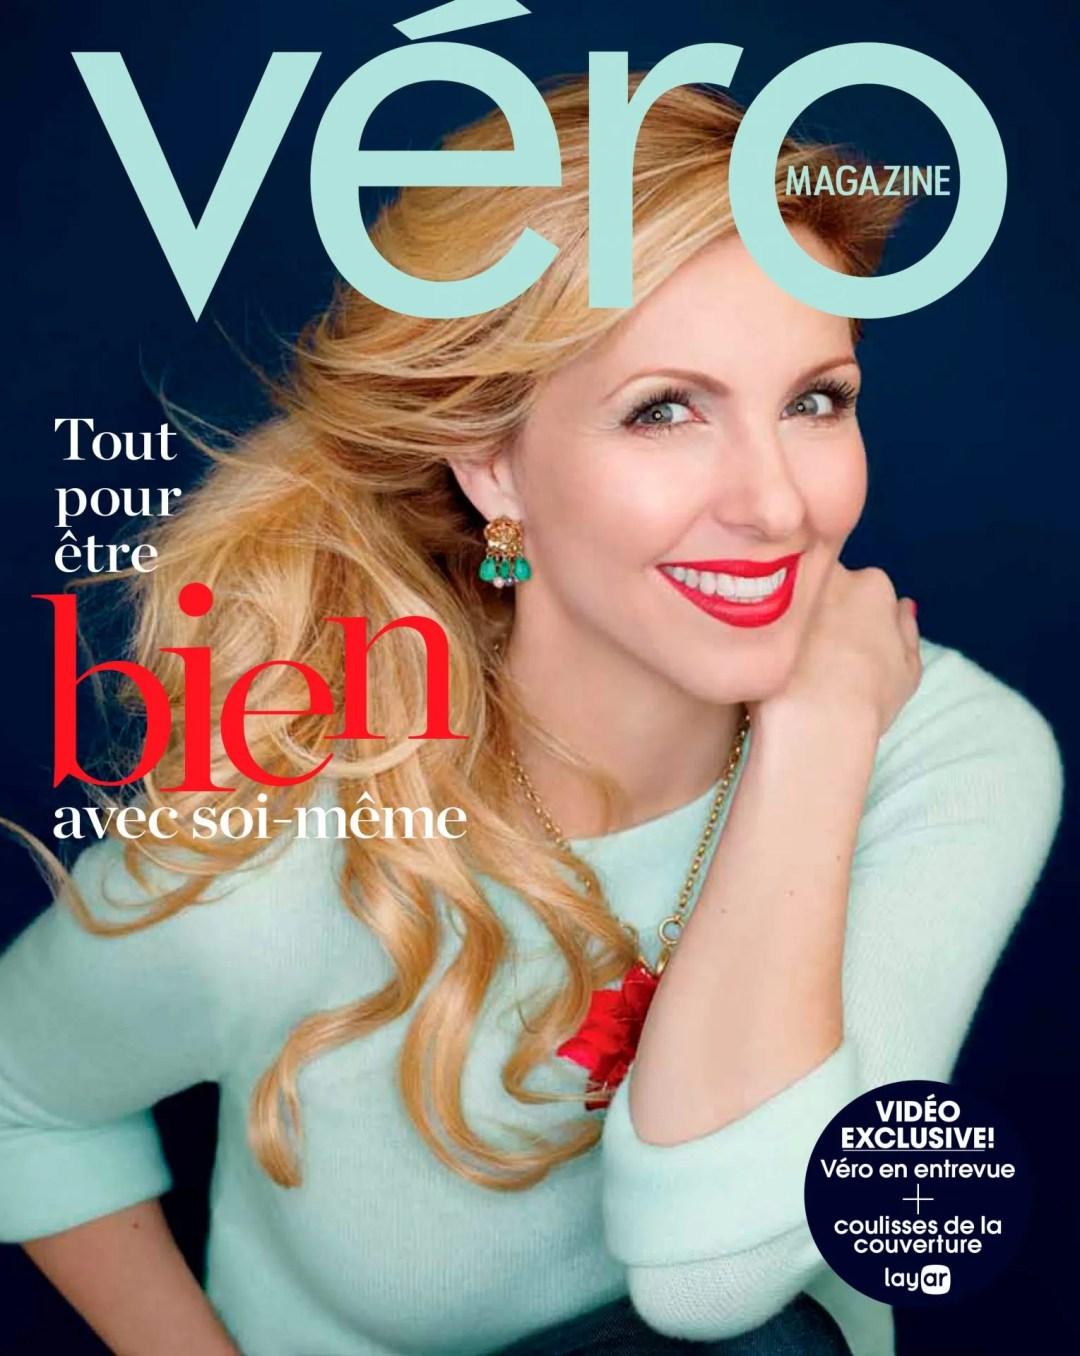 Magazine VERO Veronique Cloutier par Ariane Simard